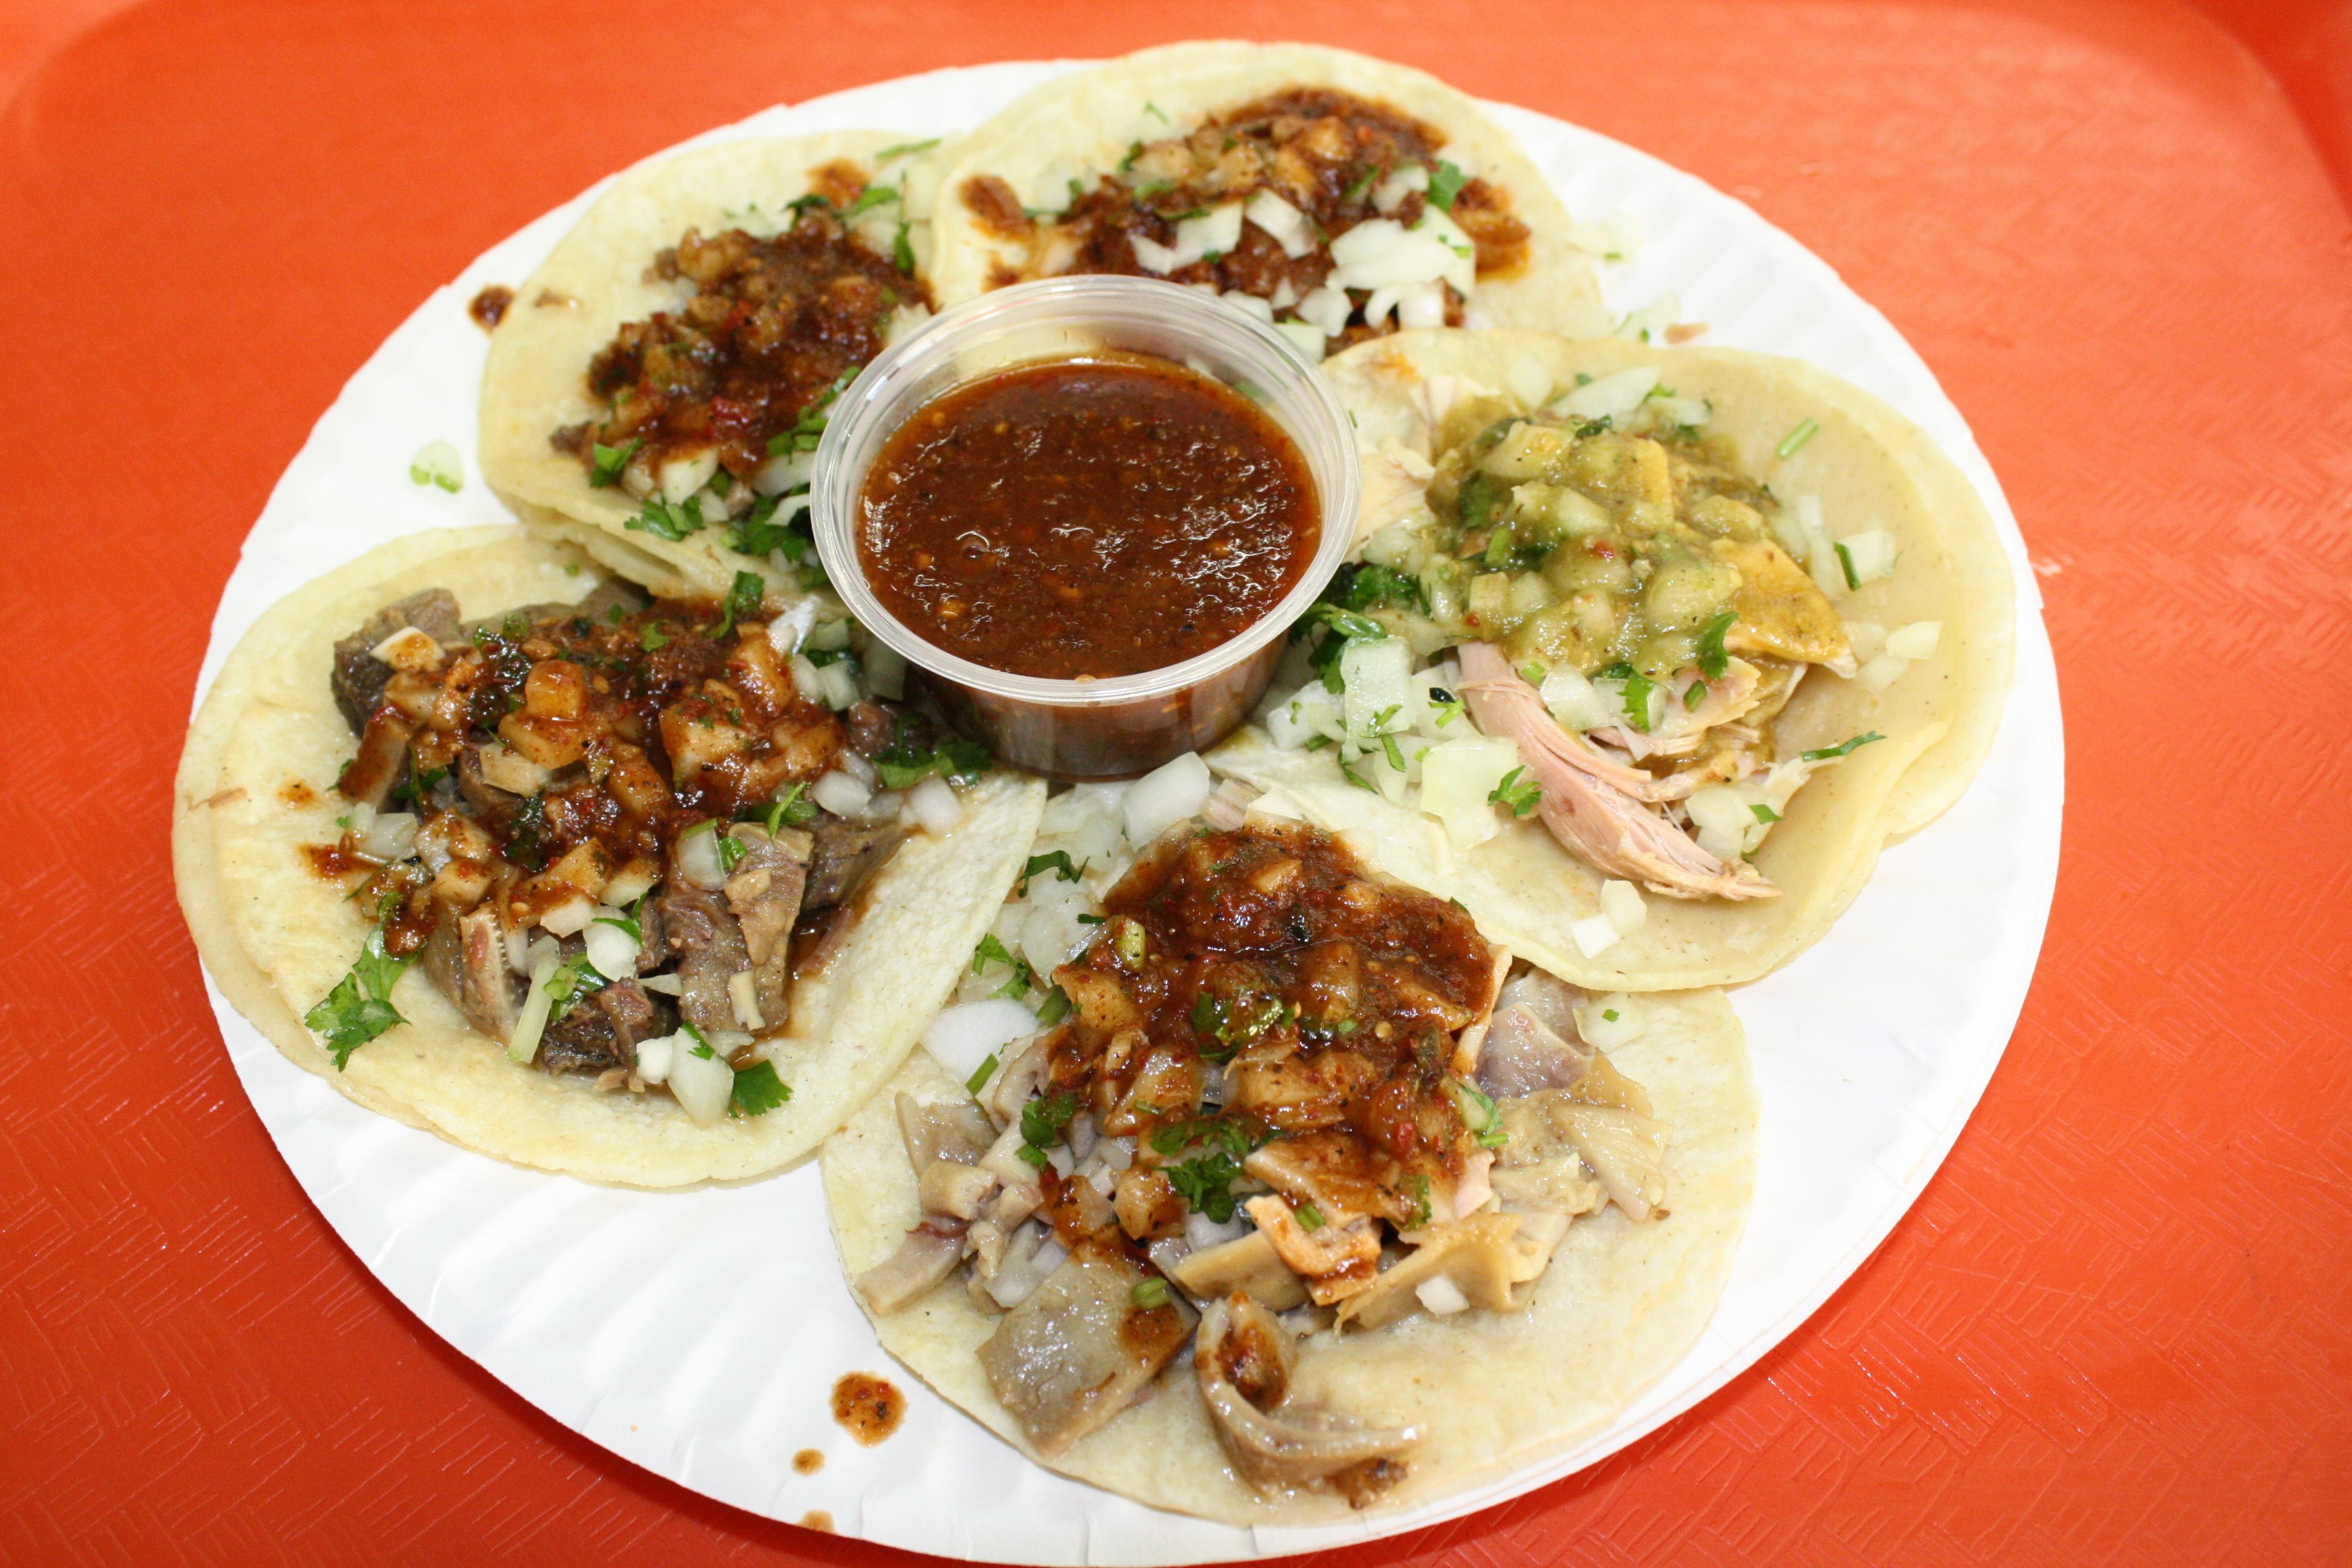 Una orden de cinco tacos puede ser la medida perfecta para algunos clientes (Foto de Agustín Durán/El Pasajero).